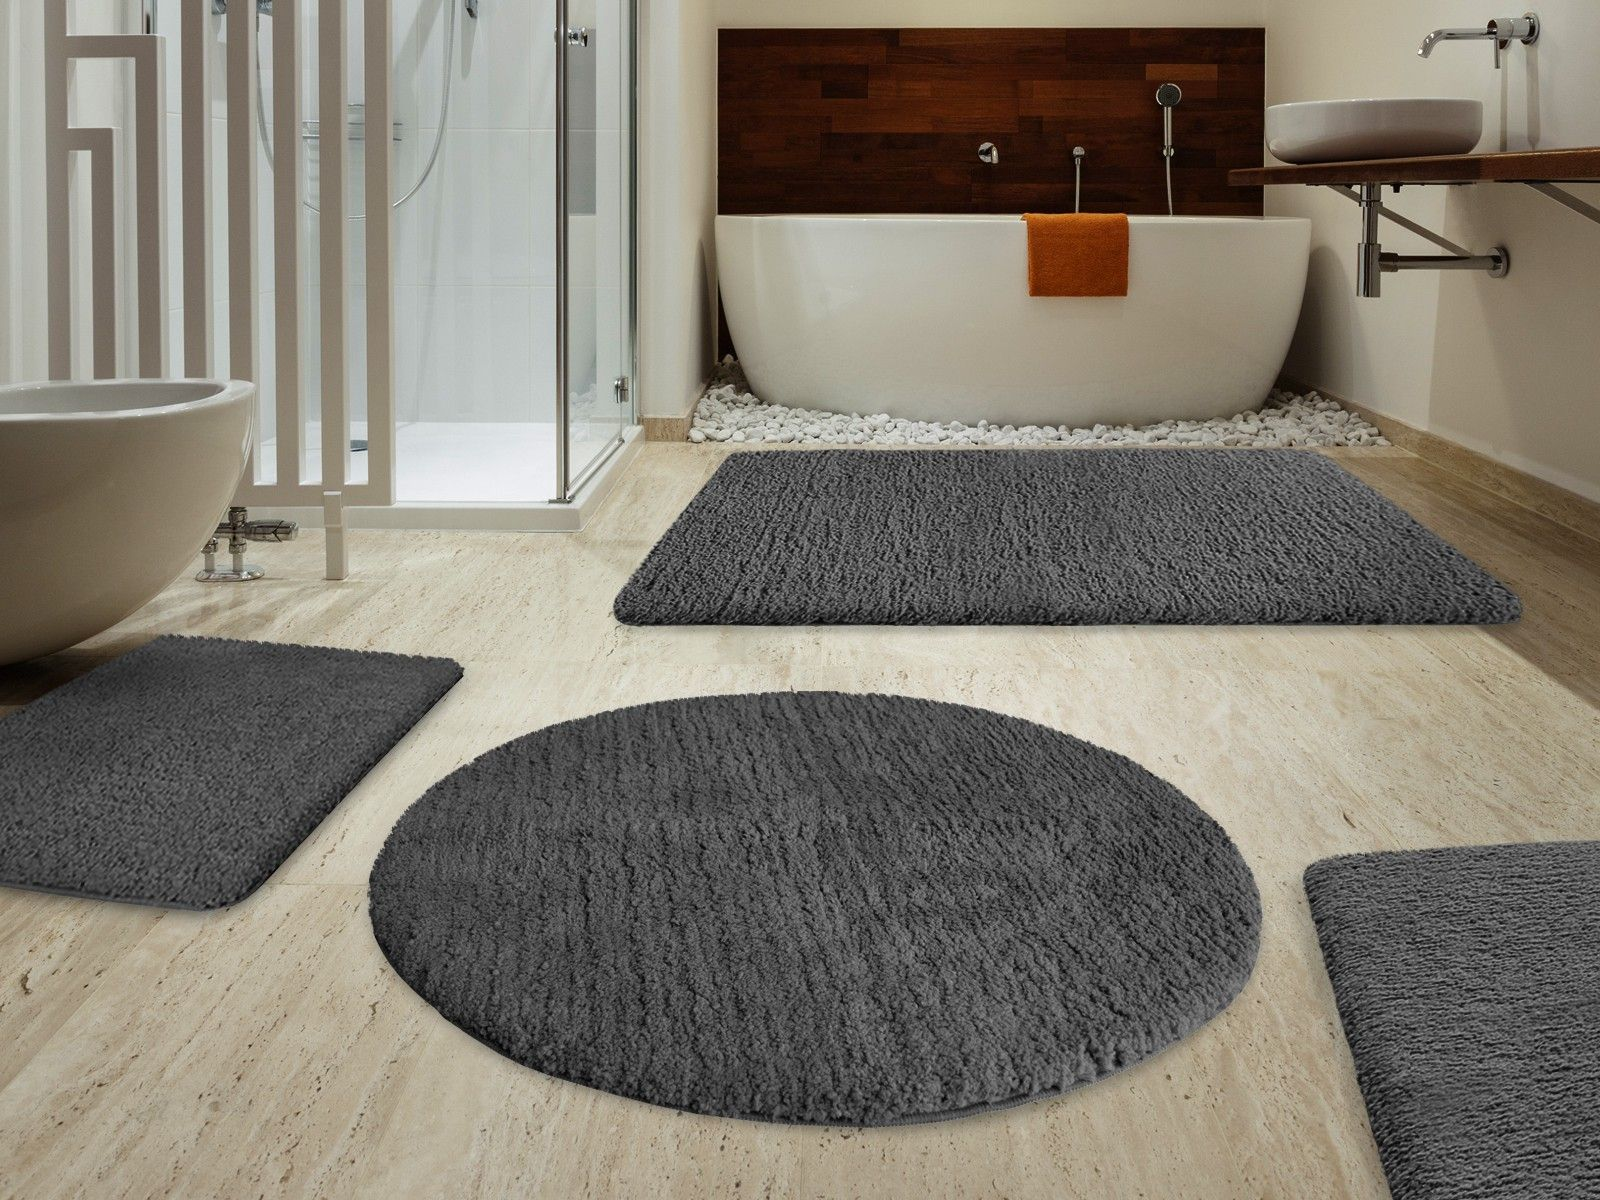 Bathroom Carpet Wall To Wall Bathroom Mats Round Bathroom Rugs Grey Bathroom Rugs